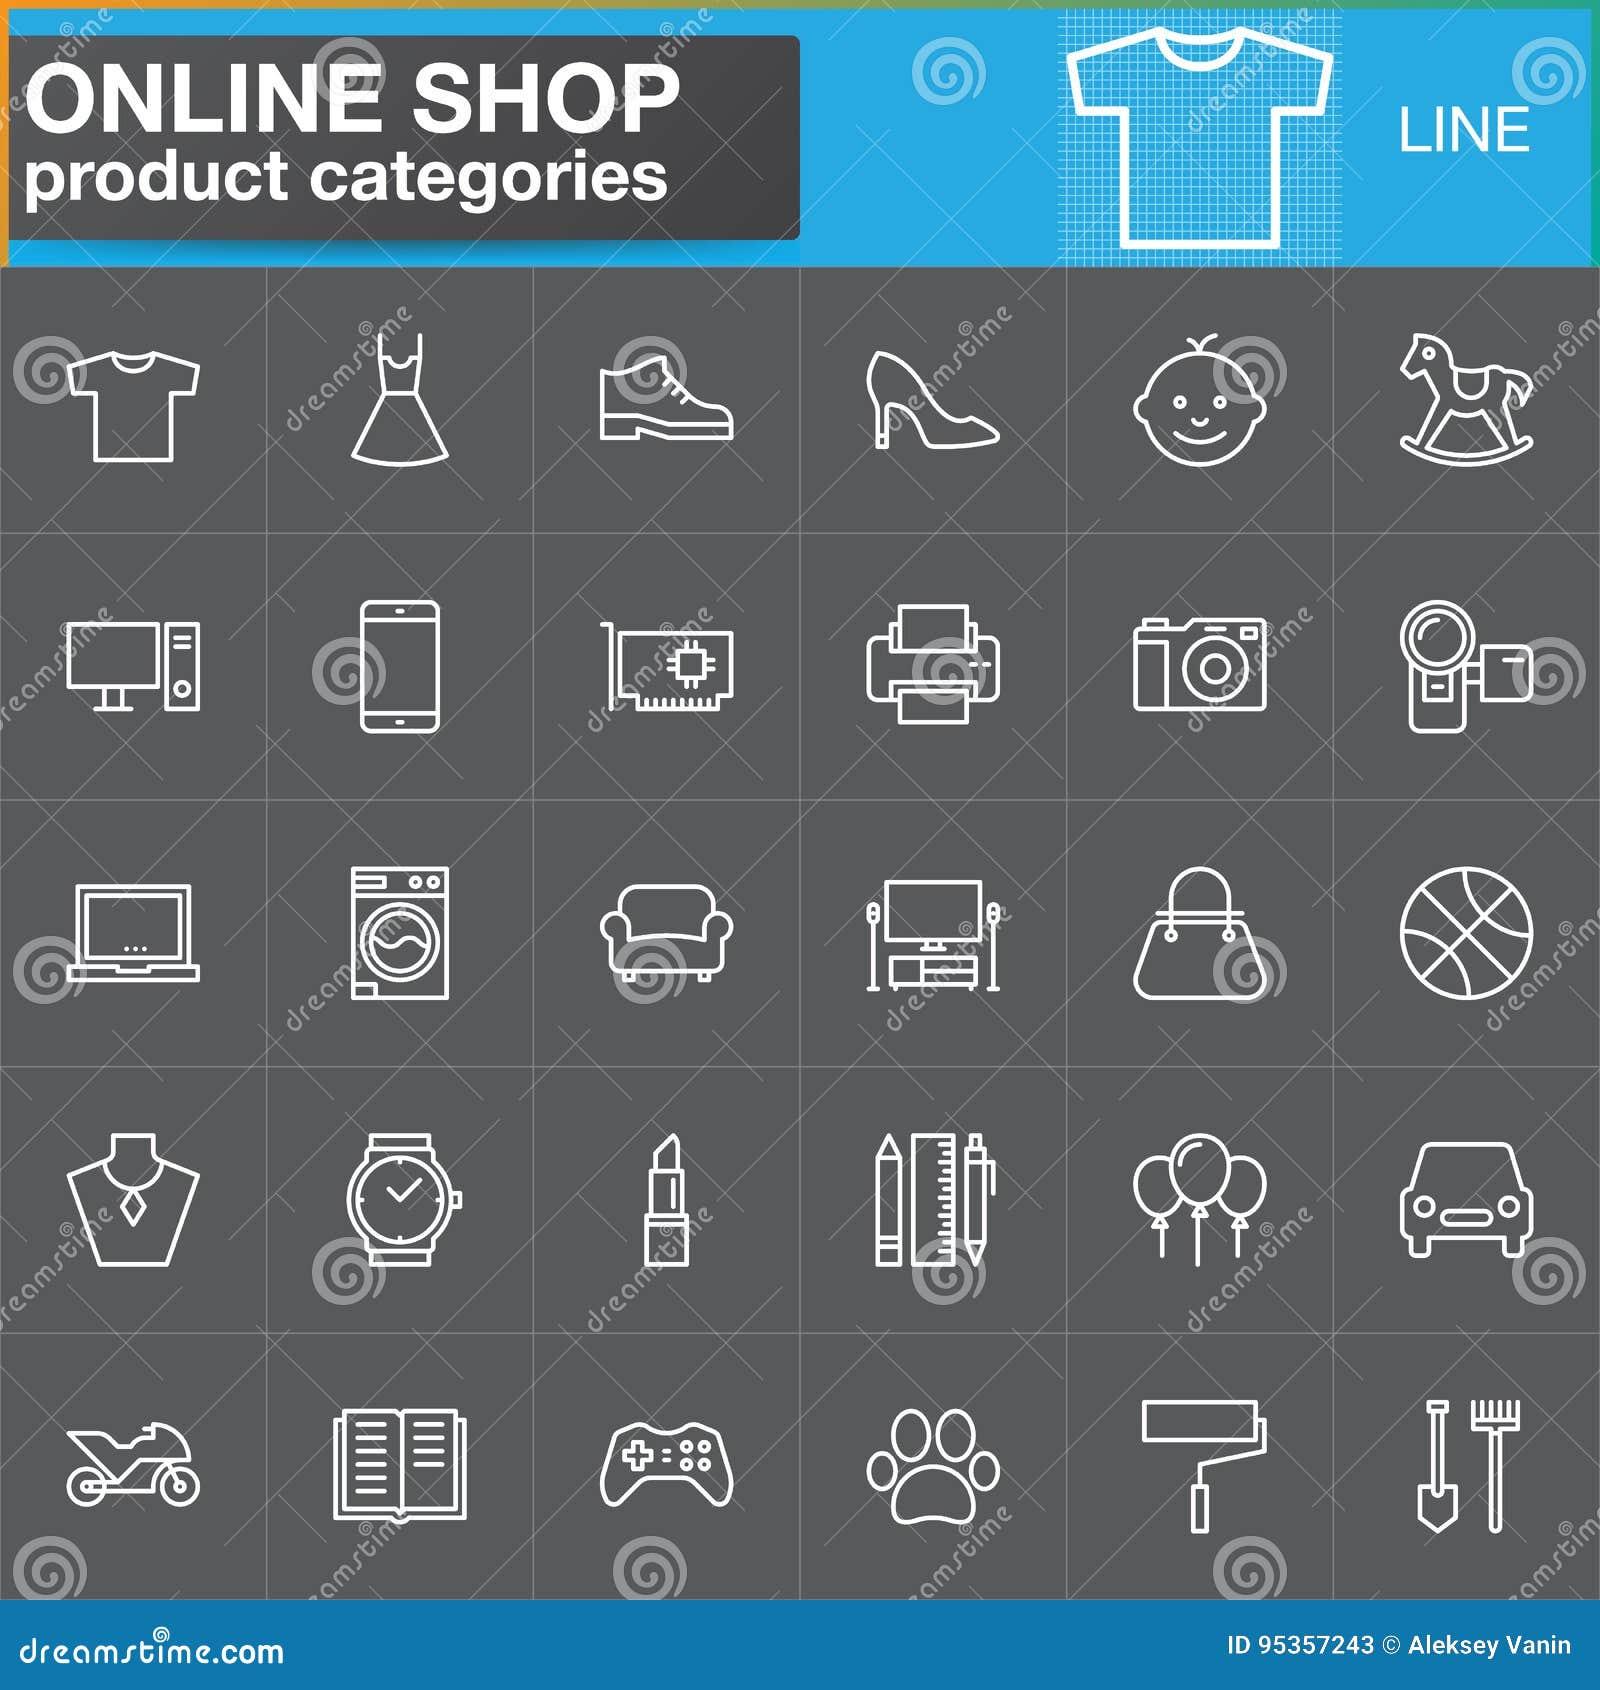 La linea online icone di categorie di prodotto di acquisto ha fissato, descrive il vettore